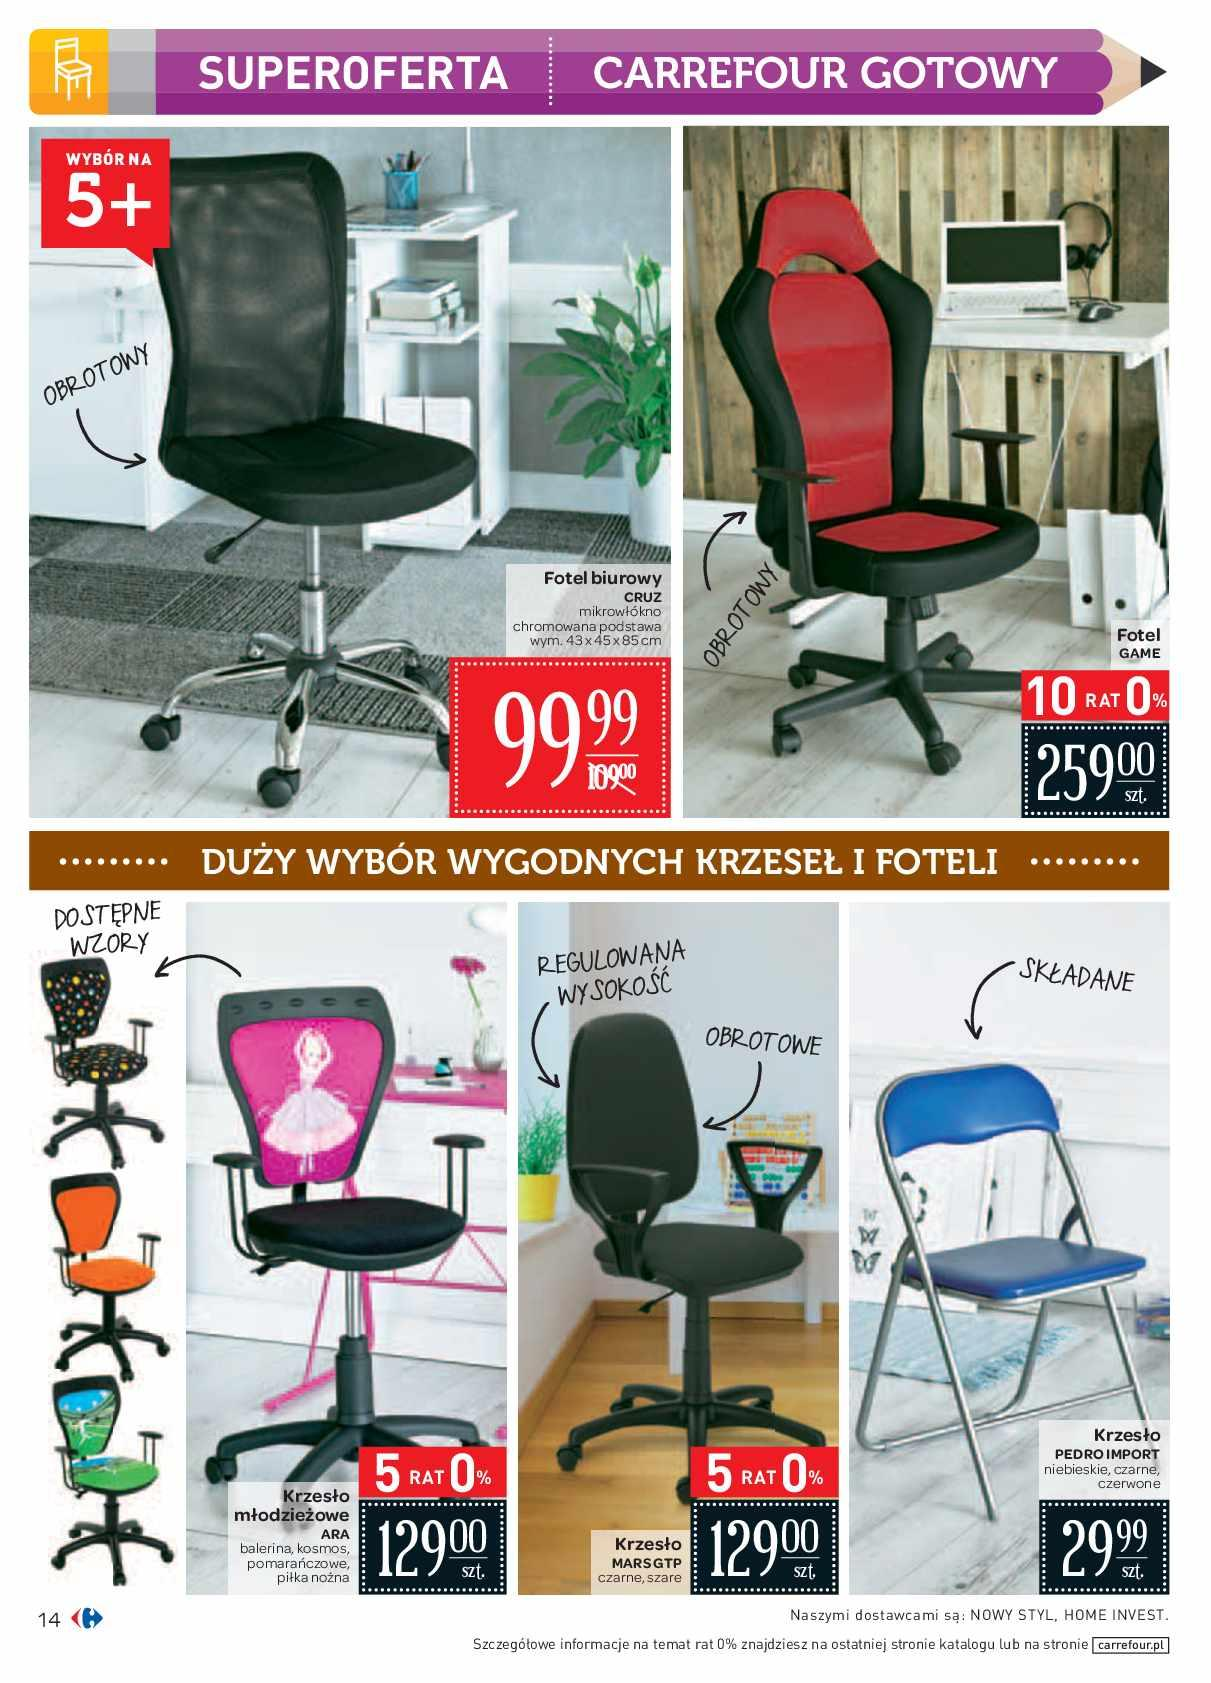 krzesło biurowe carfour